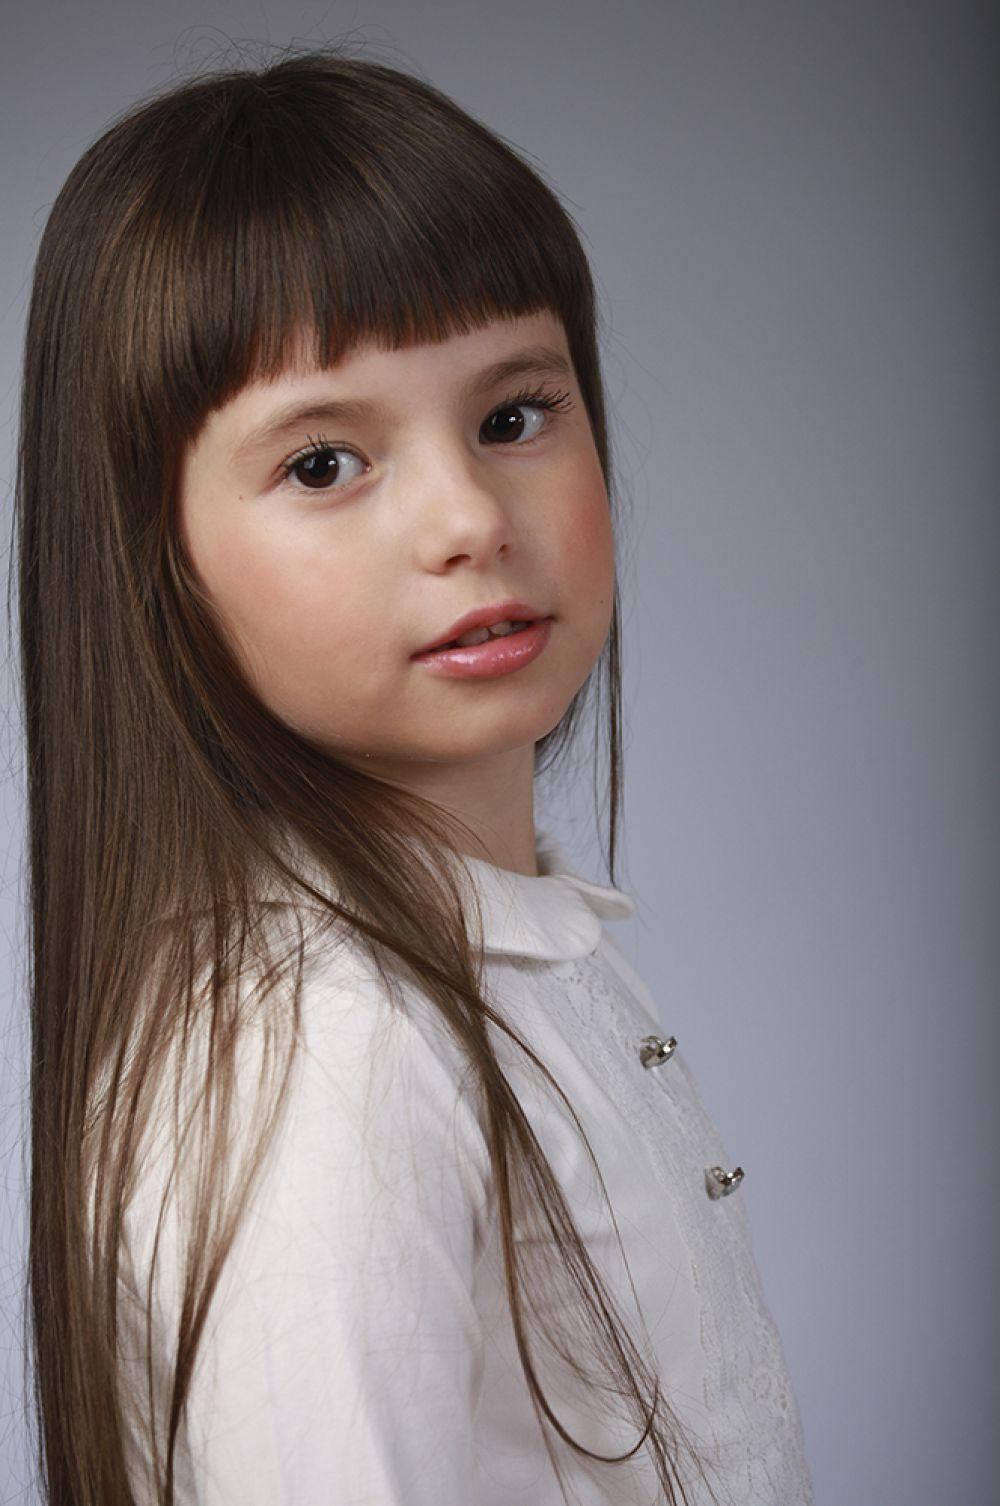 Полина Чепелова, 7 лет, 8-ой конкурс красоты и талантов  «Маленькая Мисс Вятка-2016». Младшая группа.